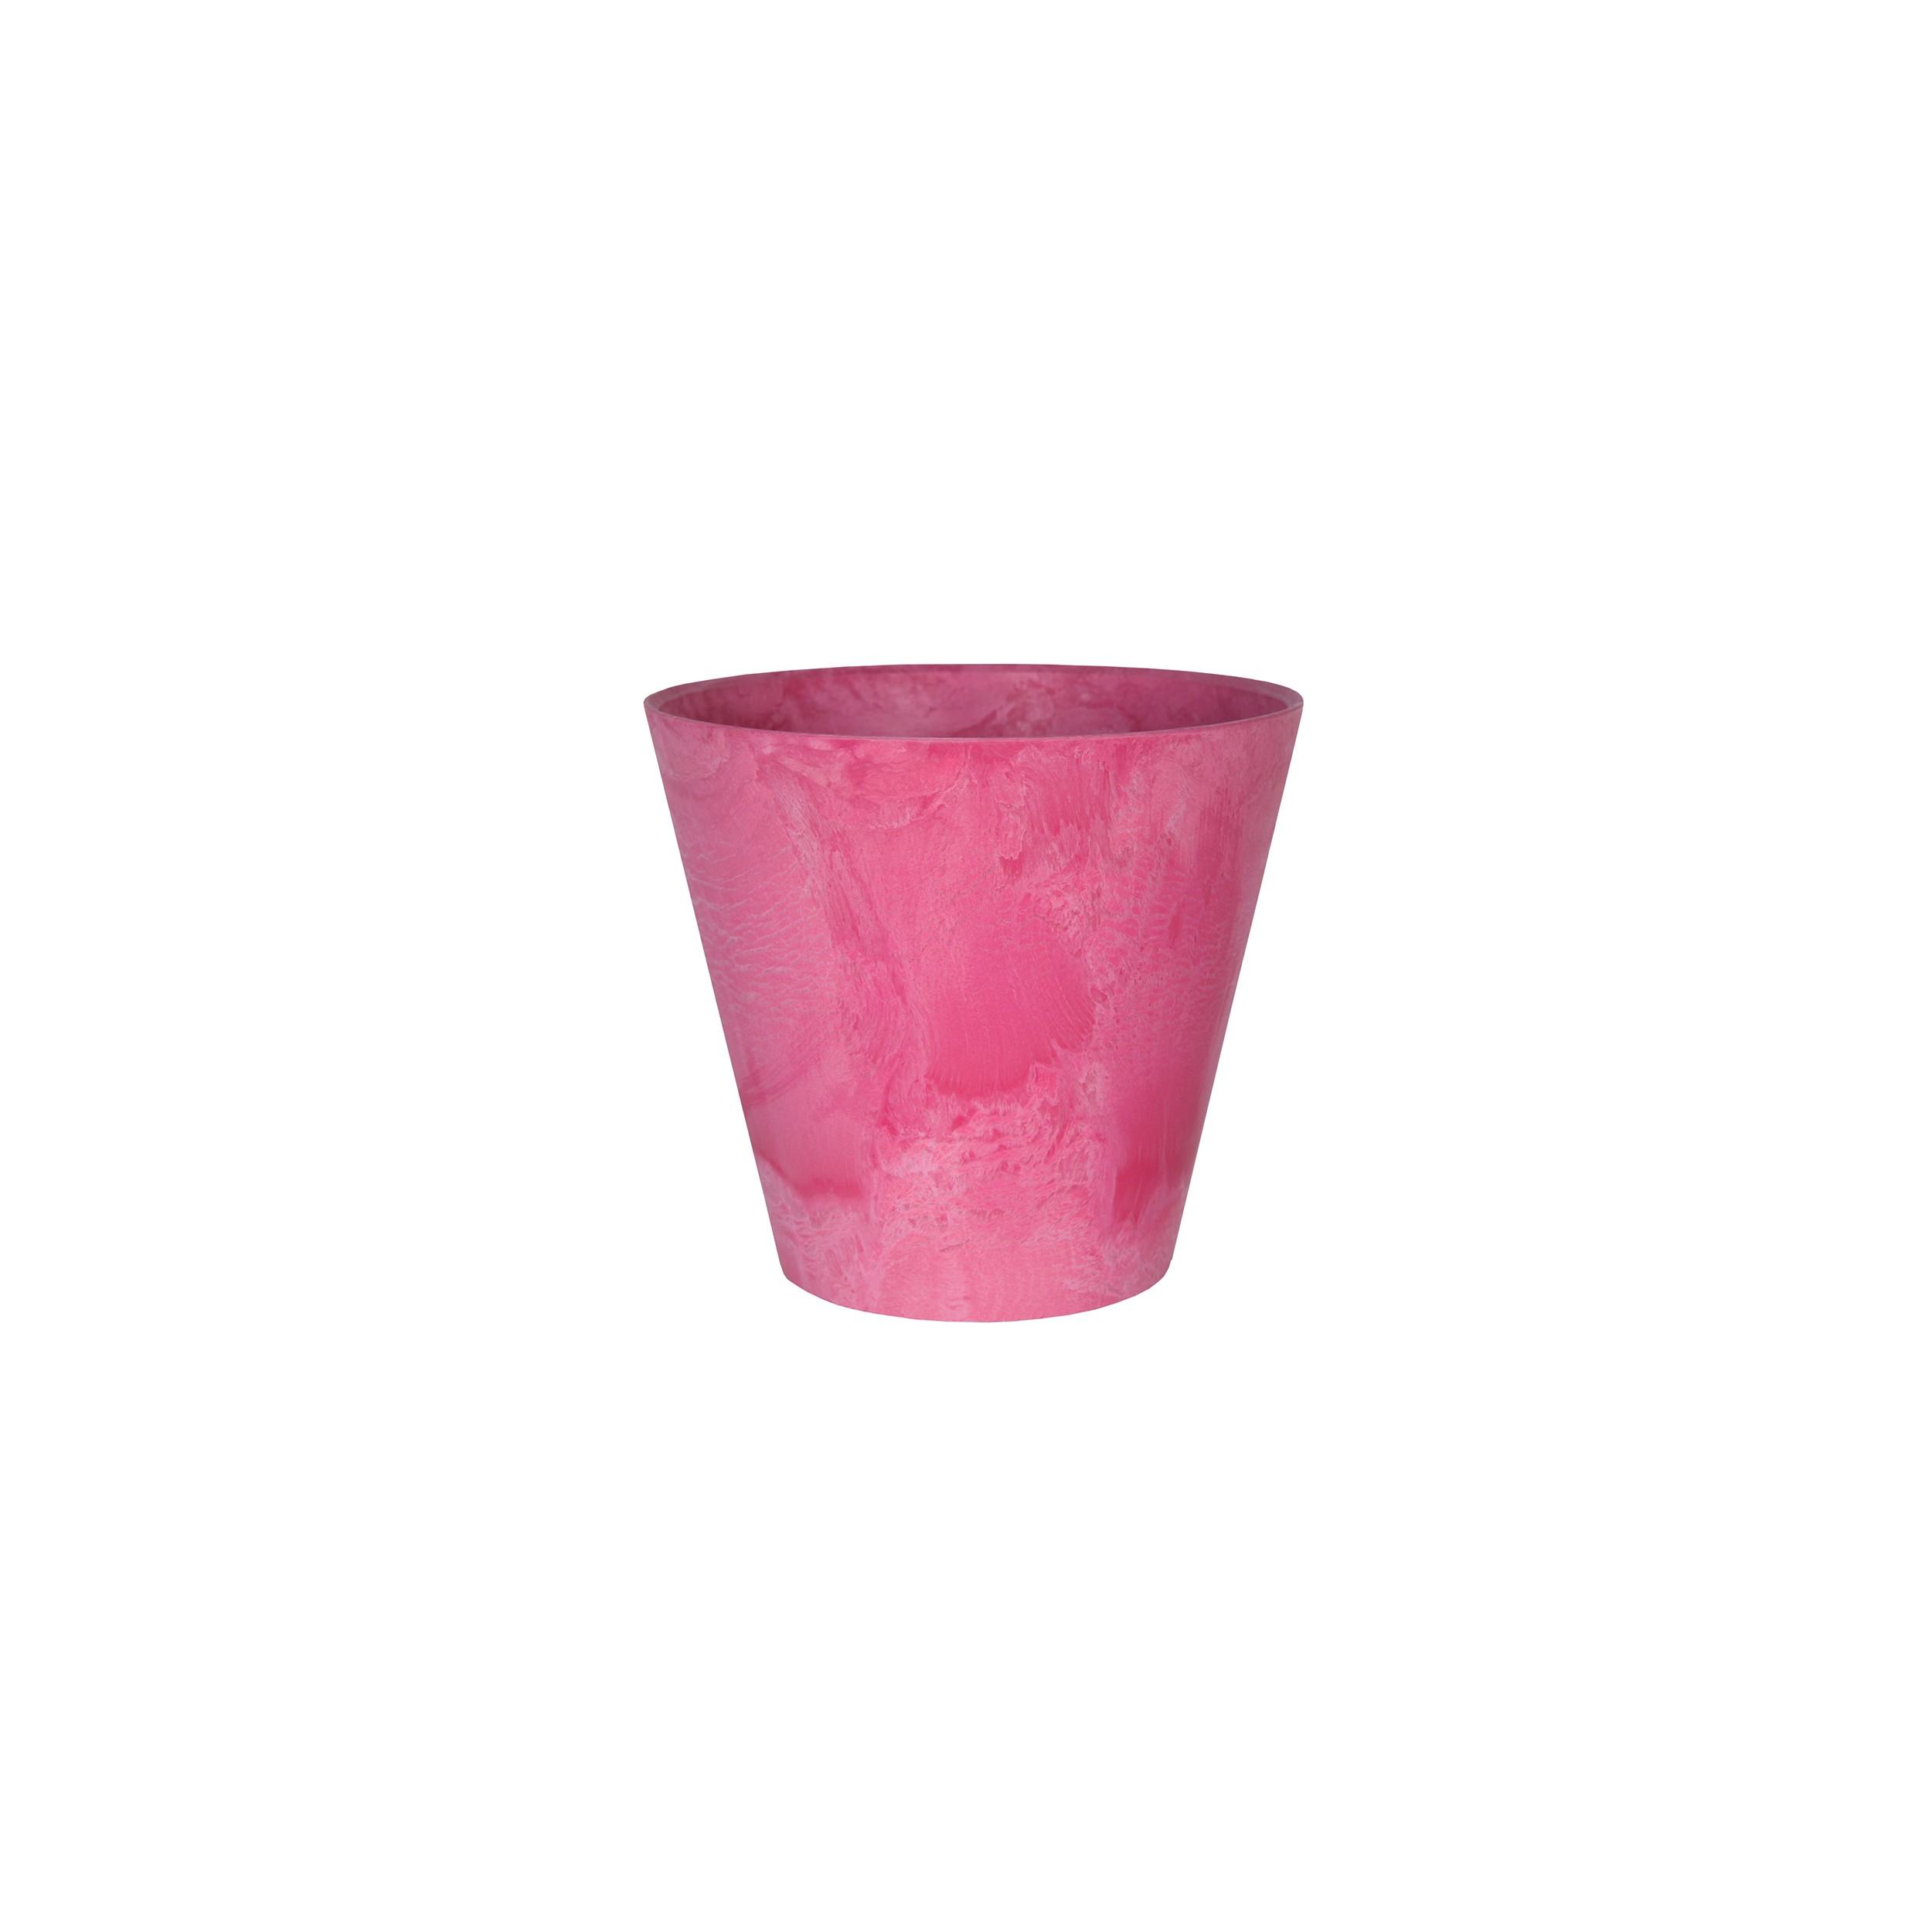 artstone-blumentopf-claire-17cm-pink Elegantes Blumentopf Durchmesser 50 Cm Dekorationen